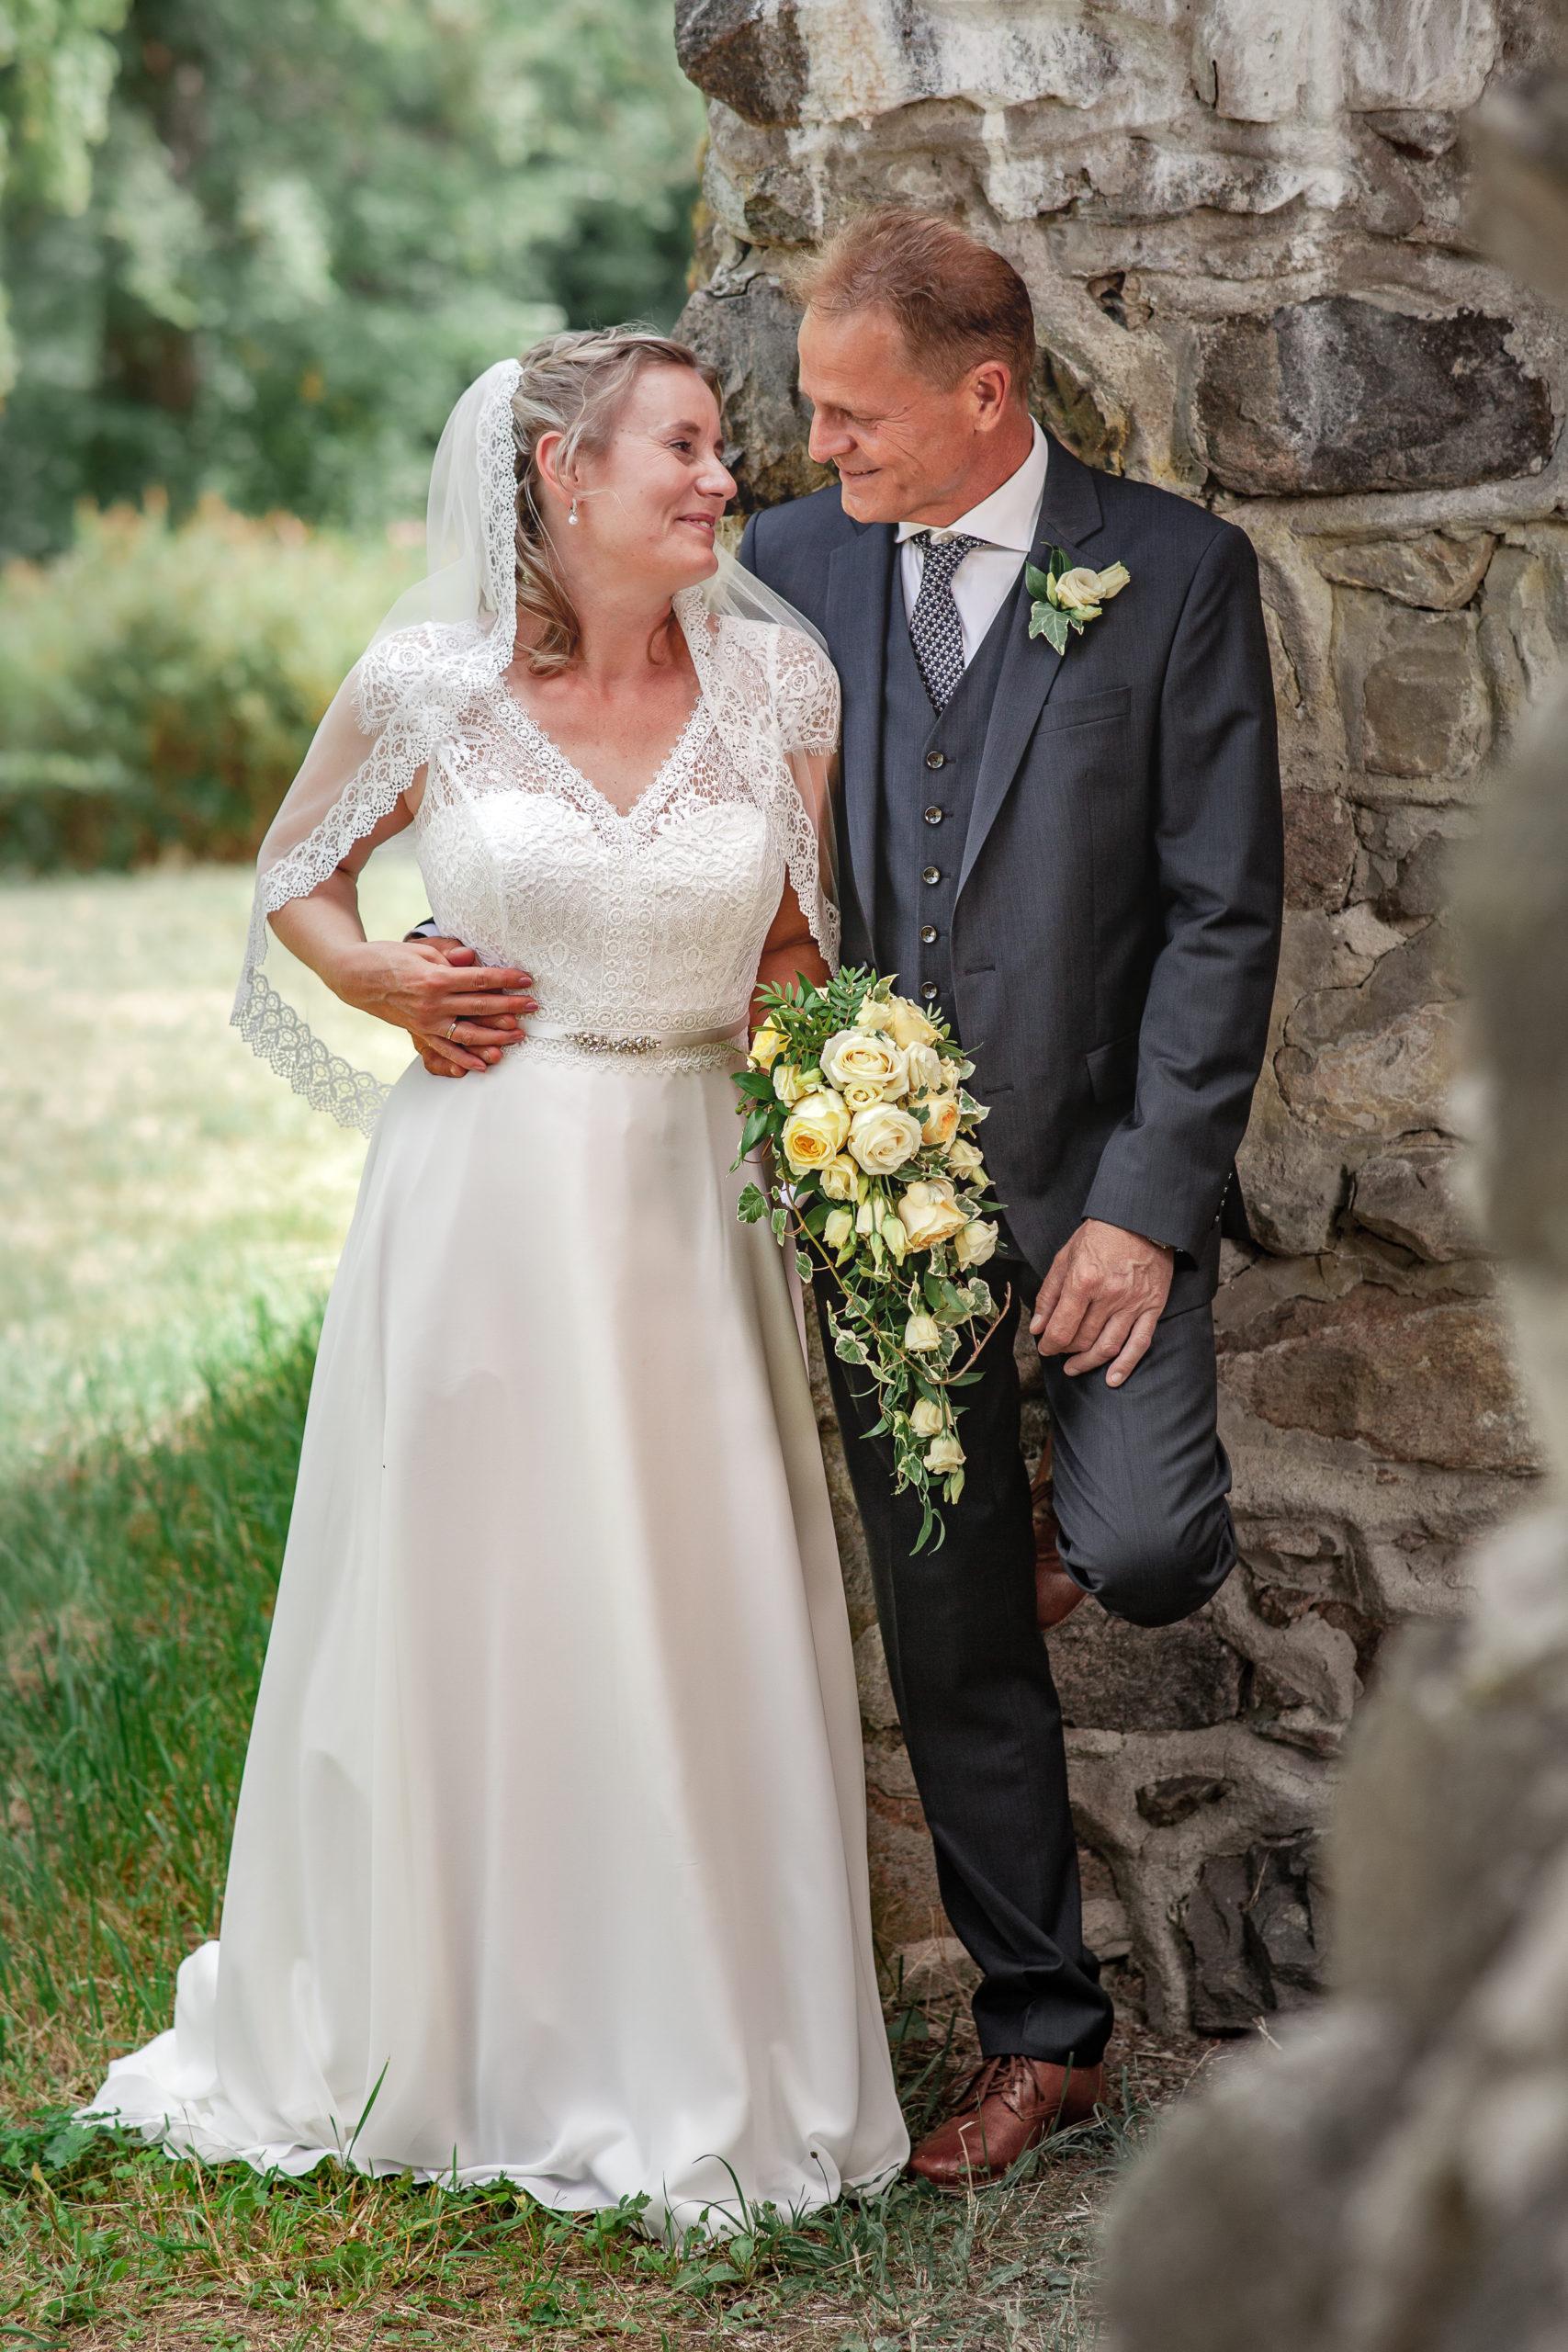 Hochzeitsfotos und Hochzeitsfilme von www.DavidHarex.com